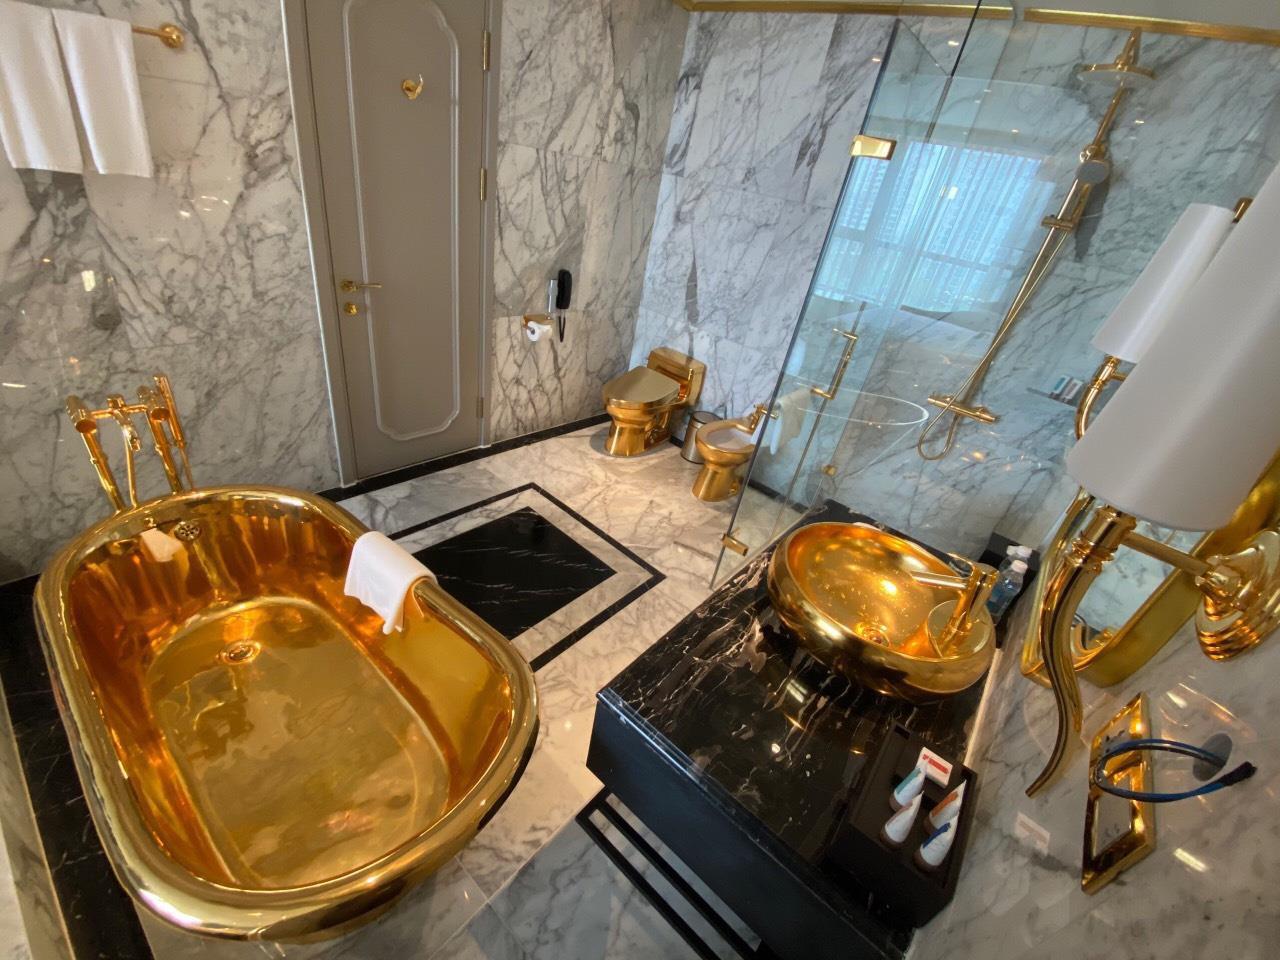 Chương trình khuyến mãi hấp dẫn của khách sạn dát vàng 8 sao Dolce Hanoi Golden lake - Ảnh 8.